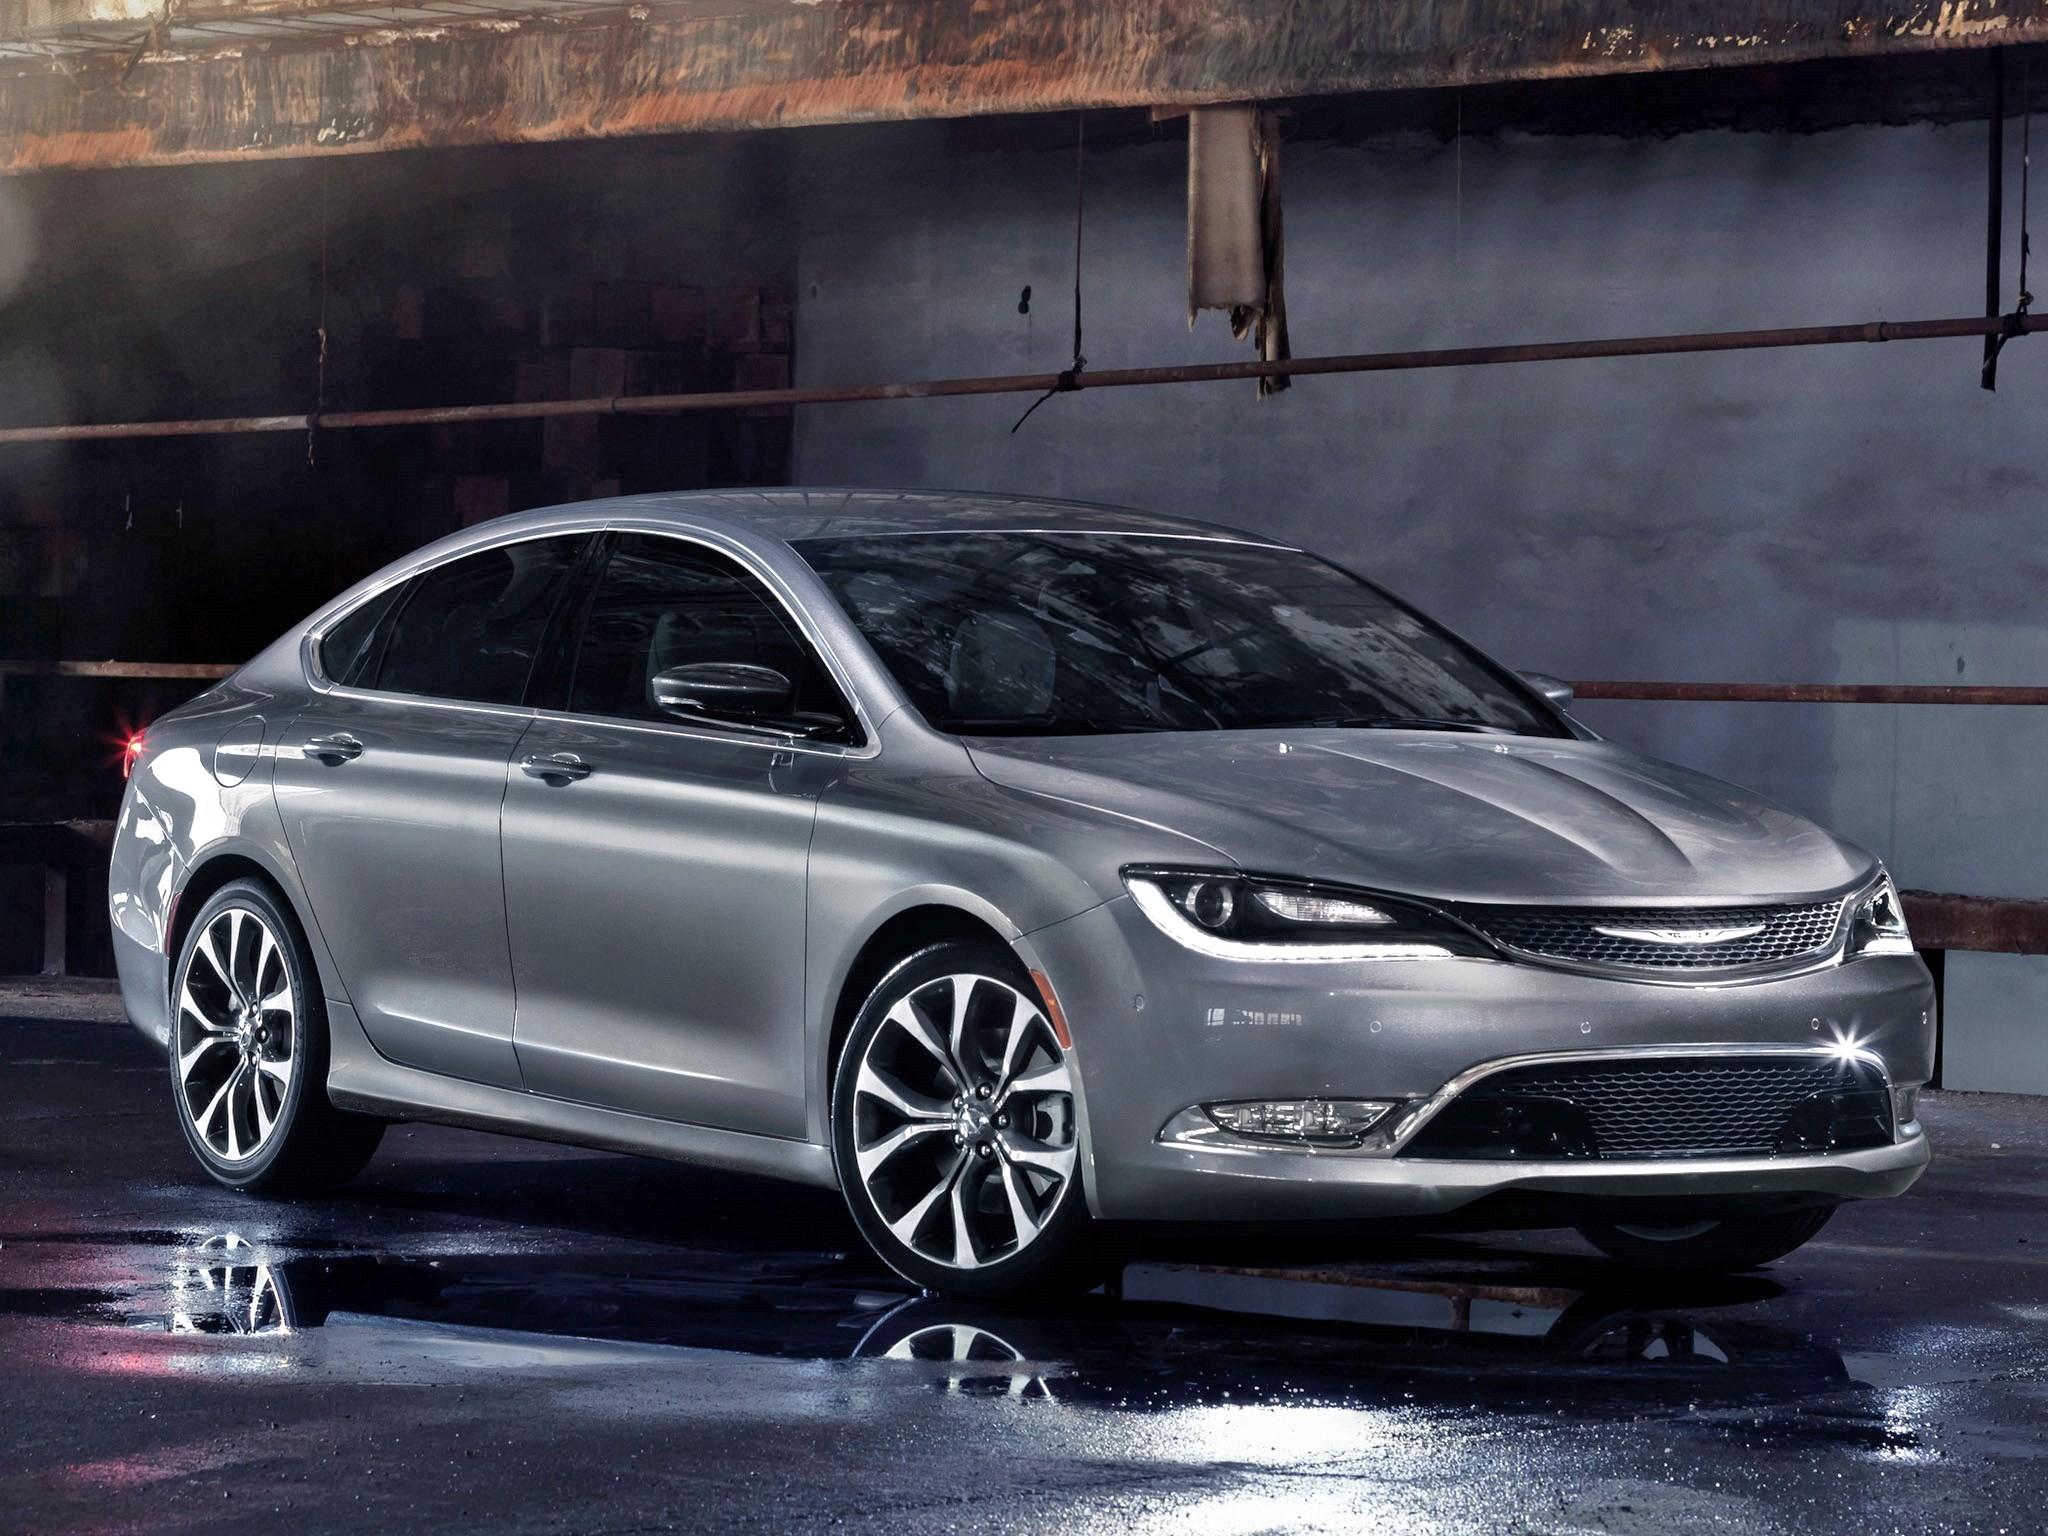 2014 Chrysler 200c